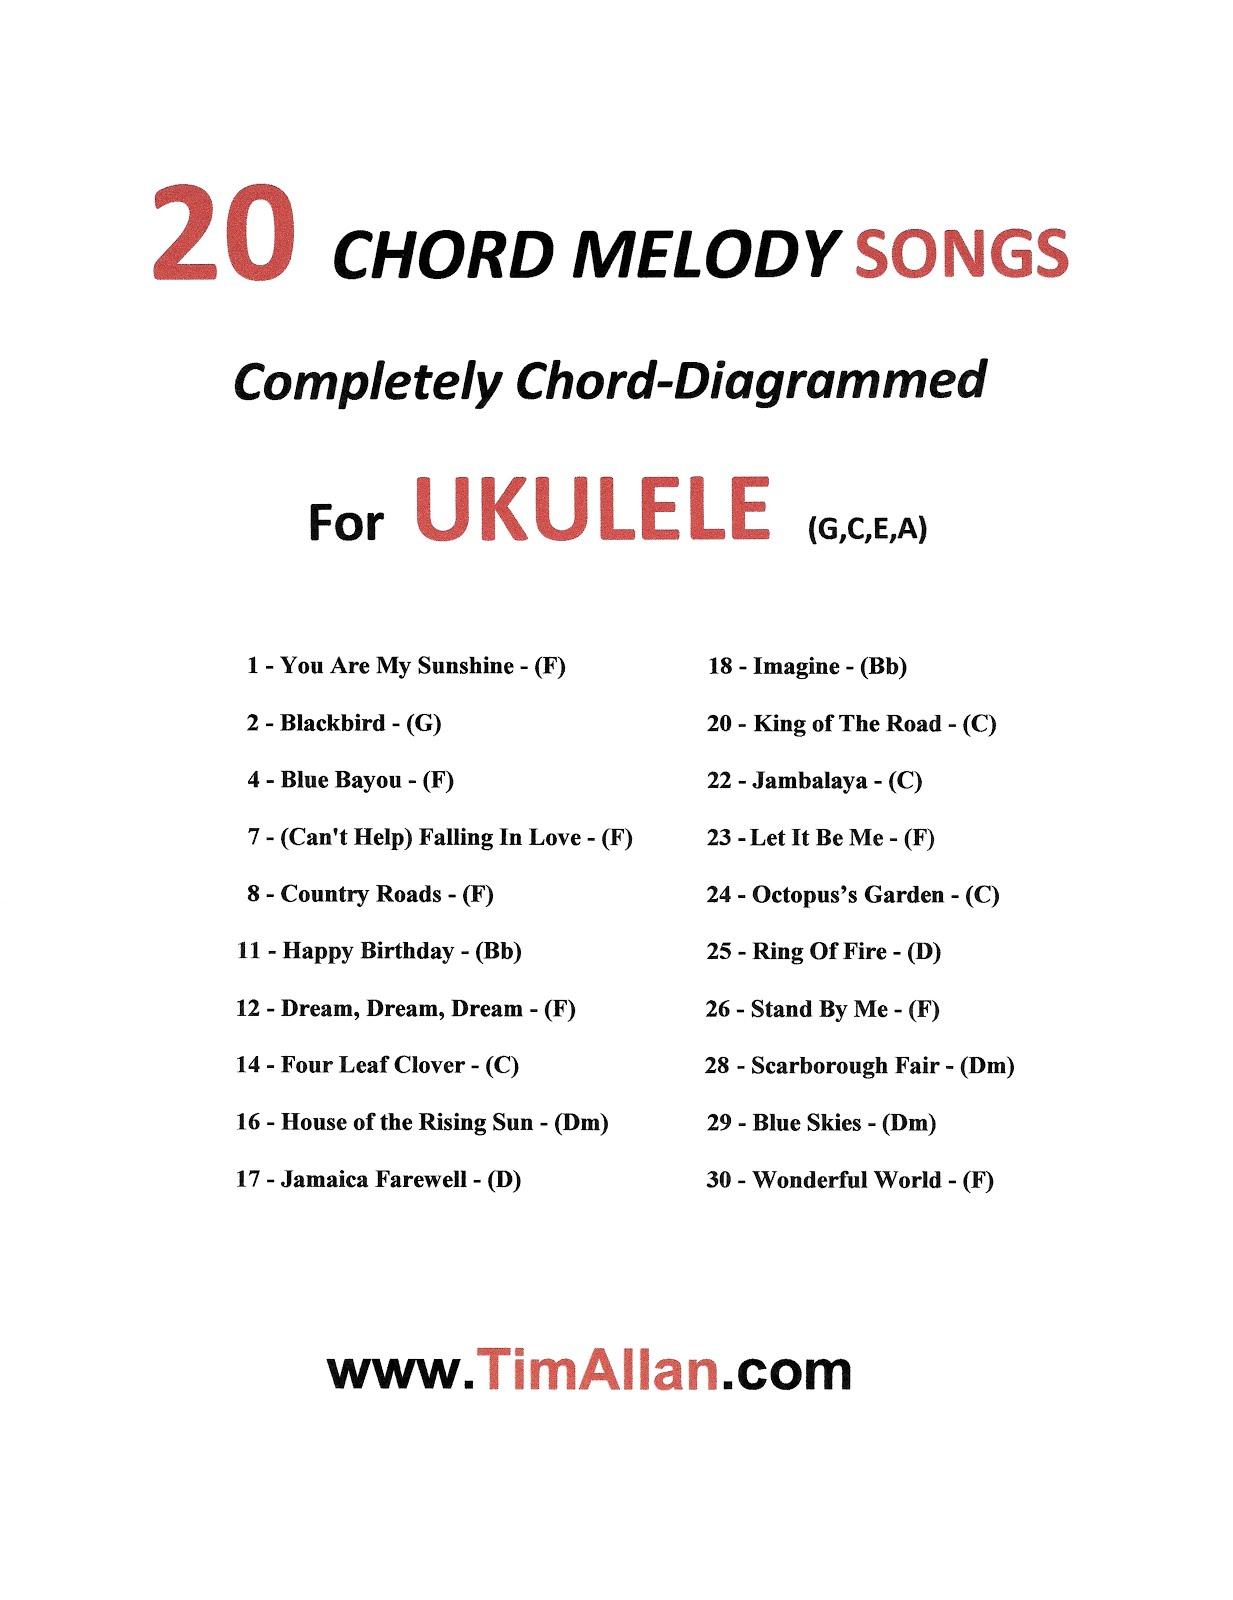 20 U201cchord Melody U201d Ukulele Song Arrangements Tim Allan Manual Guide